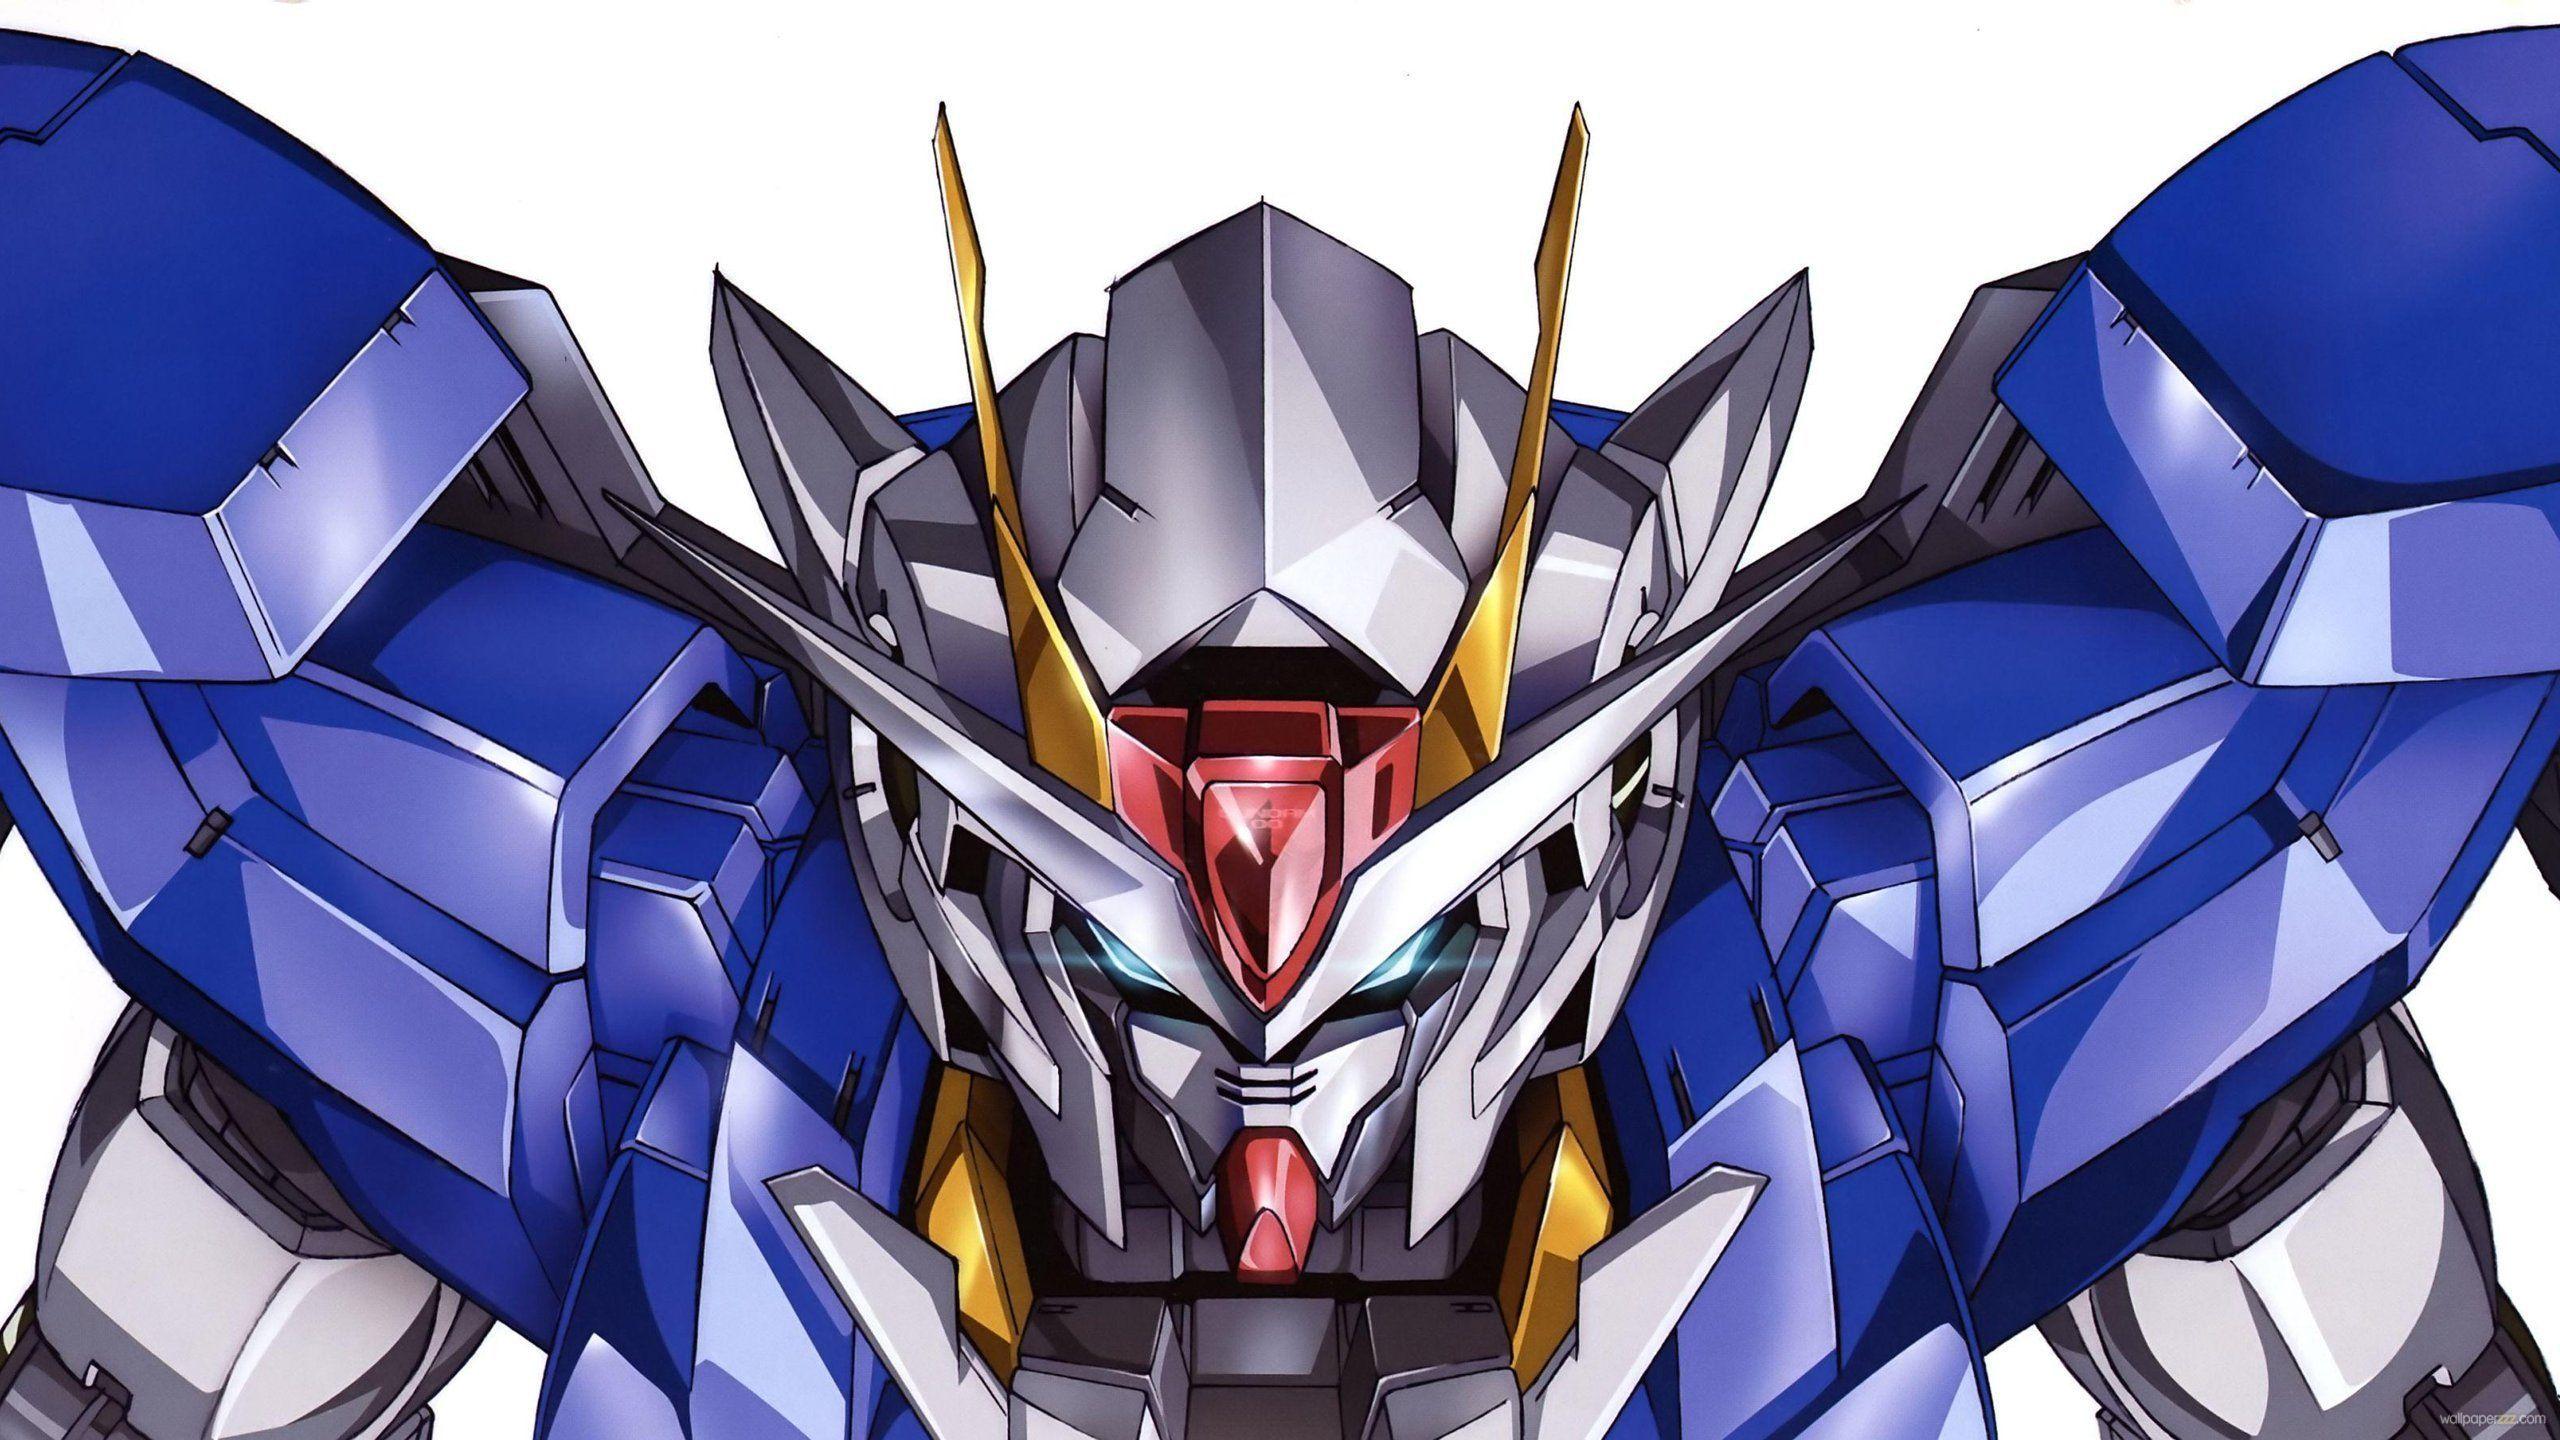 Gundam Exia Wallpaper Phone Wallpapers Pinterest Gundam